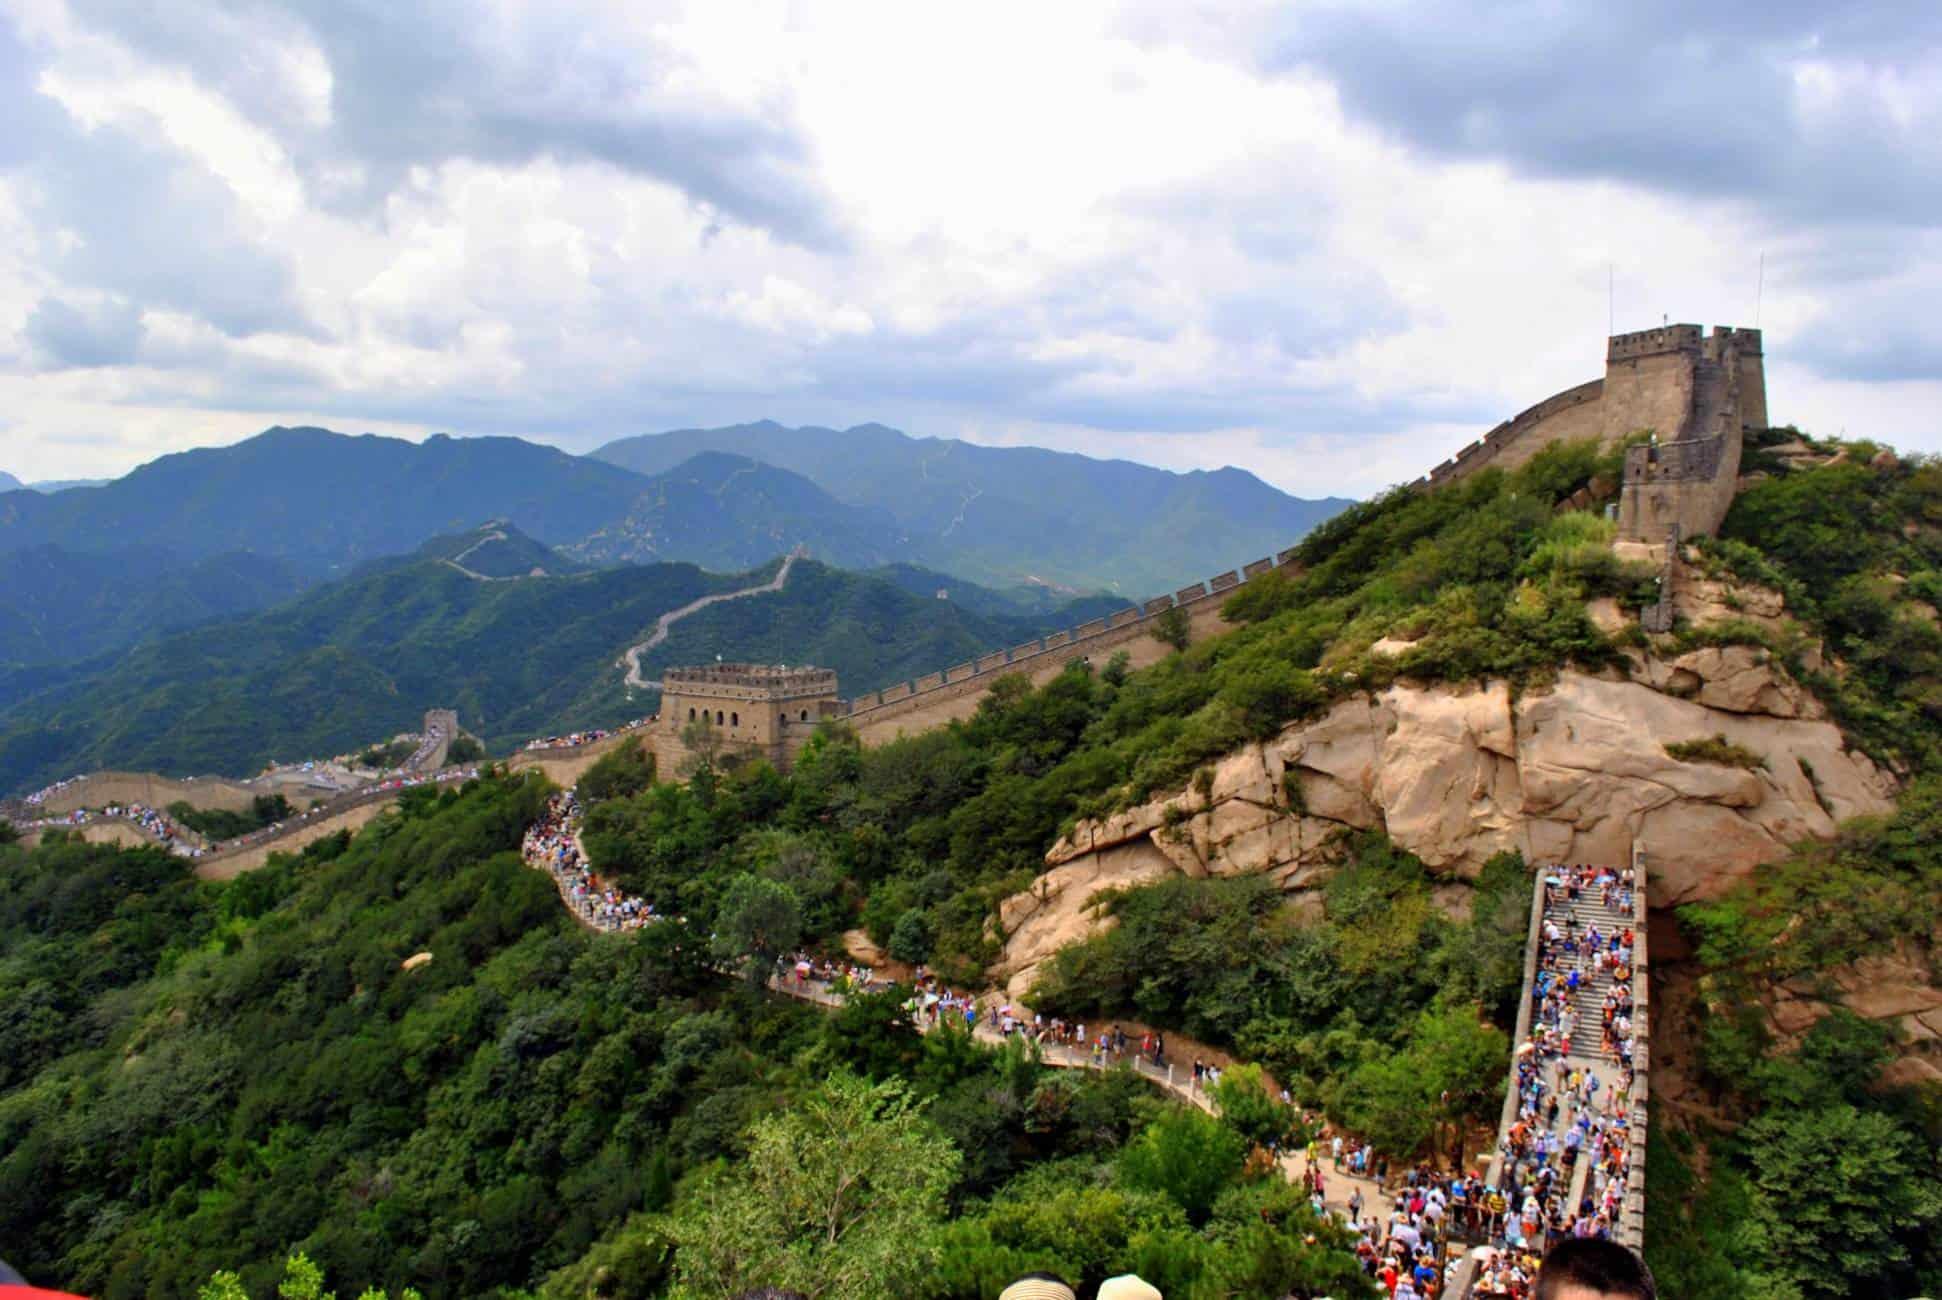 množični turizem - obljudene destinacije